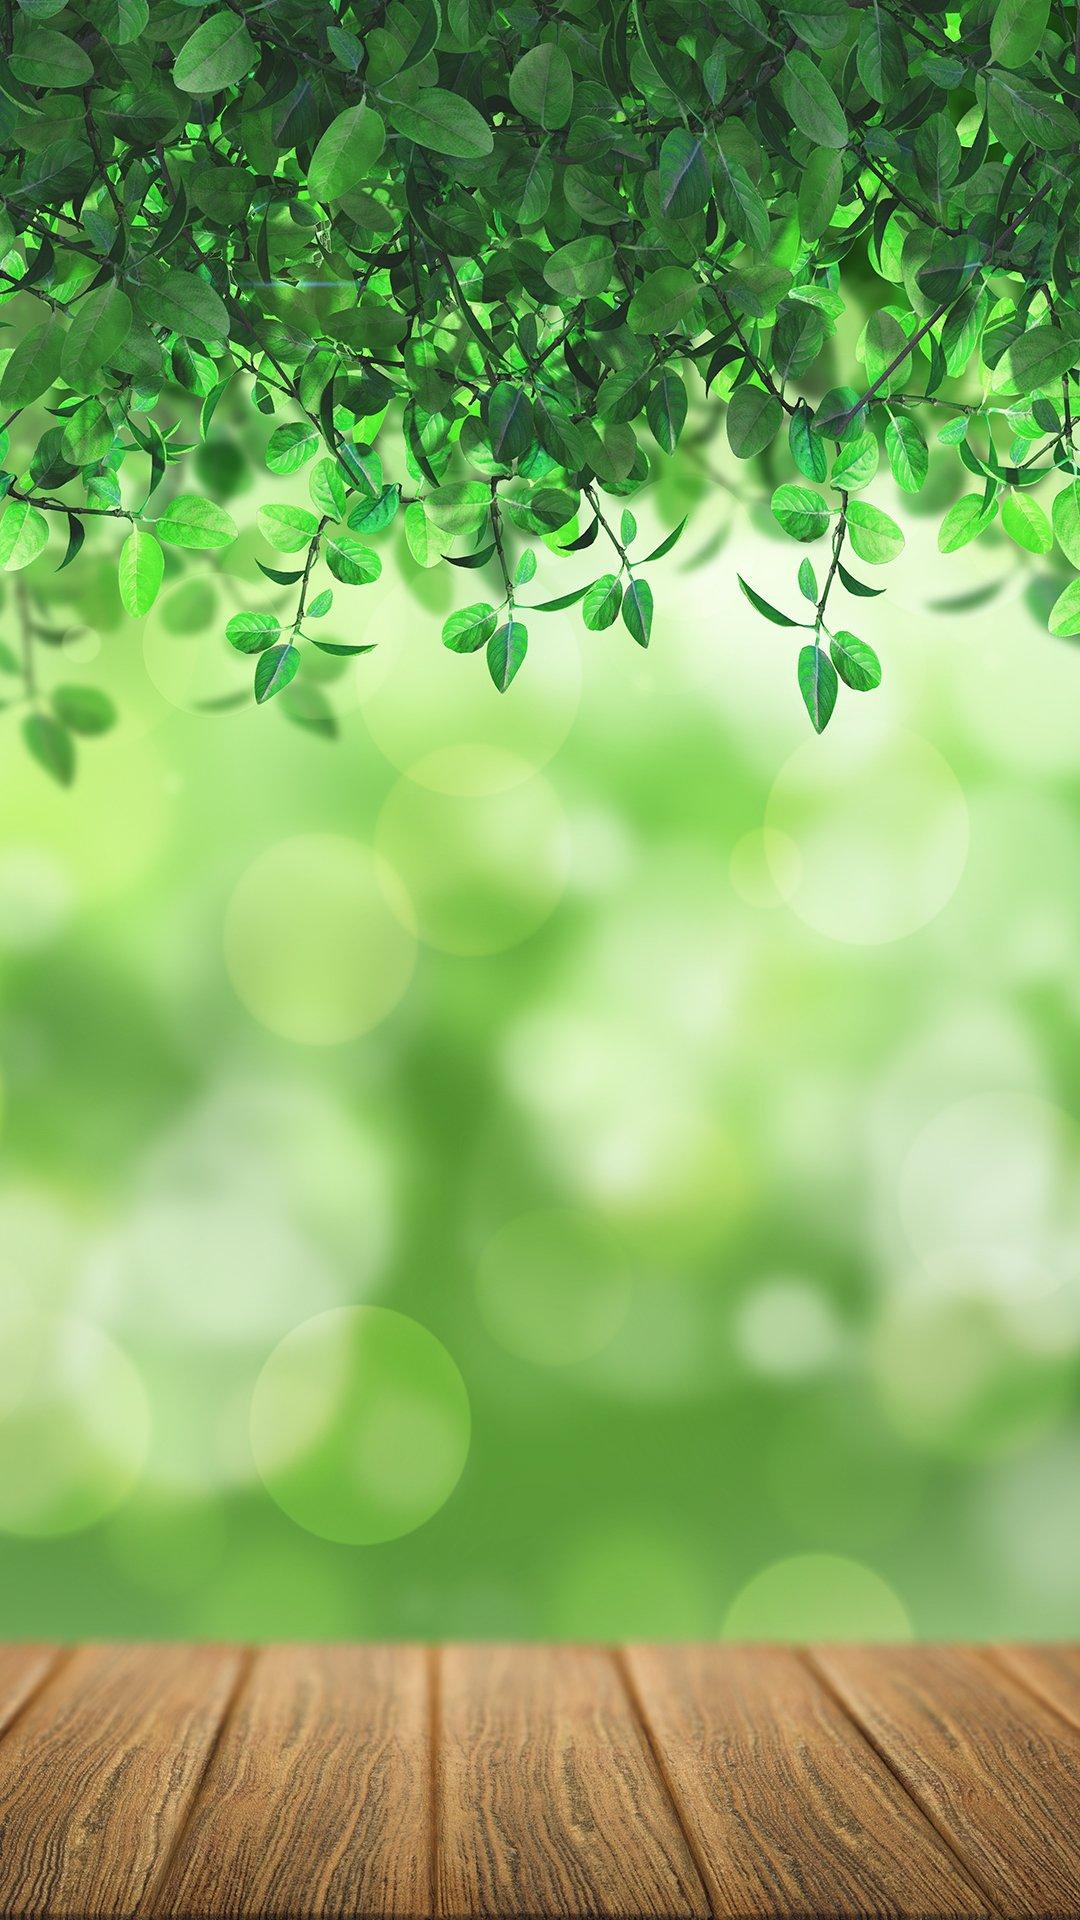 Hãy hòa mình vào thiên nhiên tươi đẹp và tươi mát, đồng thời làm mới cho chiếc điện thoại yêu quý của bạn bằng cách tải những hình ảnh về thiên nhiên, ...